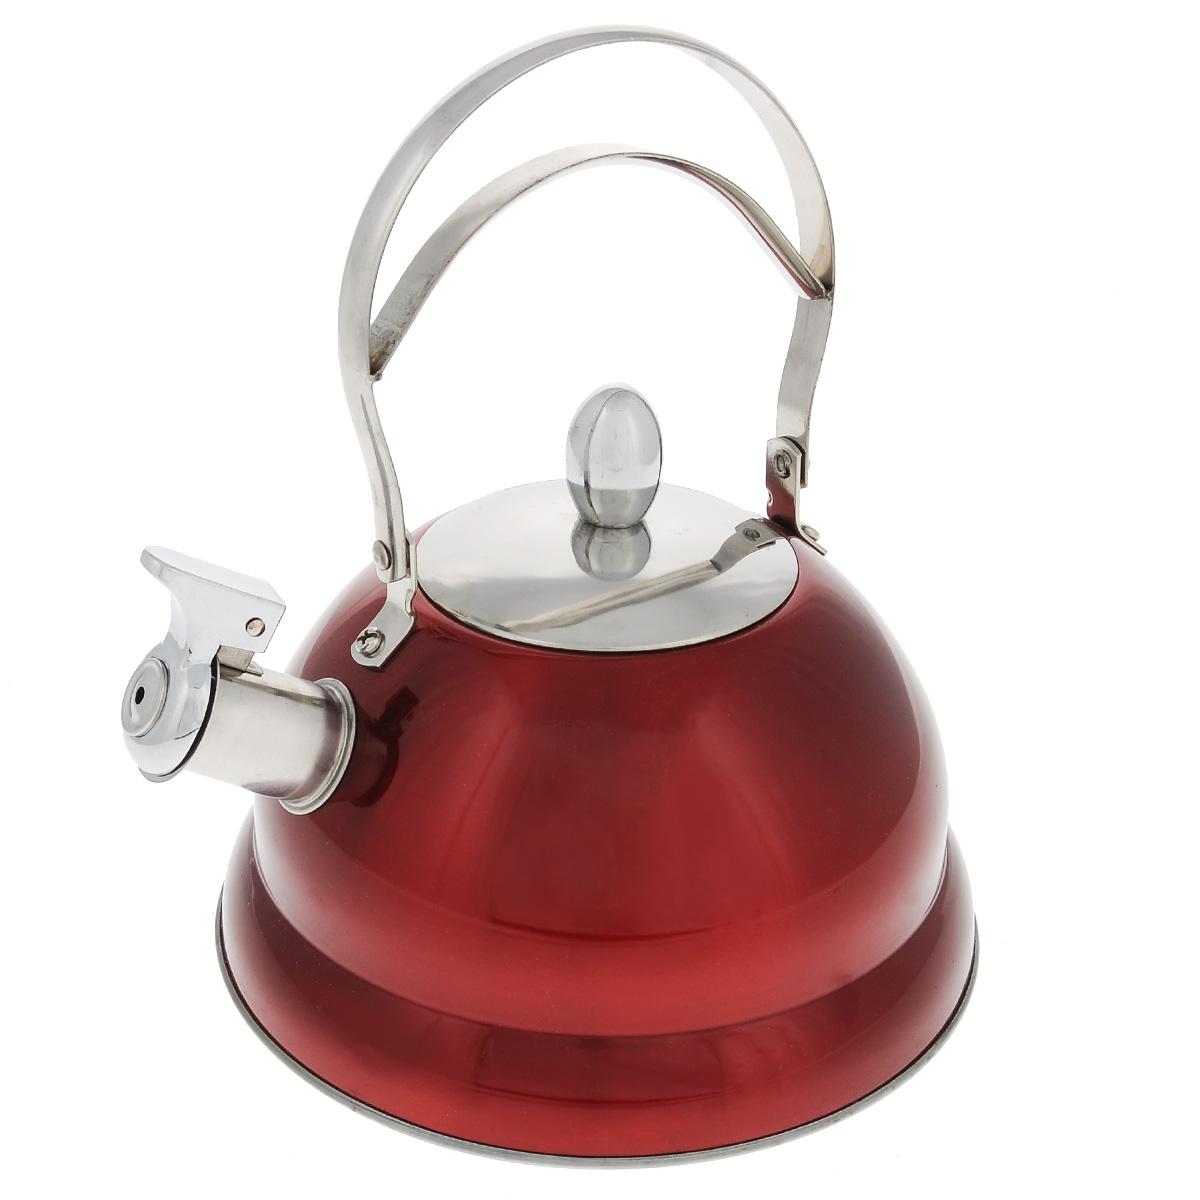 Чайник Bekker De Luxe со свистком, цвет: красный, 2,7 л. BK-S45954 009312Чайник Bekker De Luxe изготовлен из высококачественной нержавеющей стали 18/10 с цветным эмалевым покрытием. Капсулированное дно распределяет тепло по всей поверхности, что позволяет чайнику быстро закипать. Ручка подвижная. Носик оснащен откидным свистком, который подскажет, когда вода закипела. Свисток открывается и закрывается рычагом на носике. Подходит для всех типов плит, включая индукционные. Можно мыть в посудомоечной машине.Диаметр (по верхнему краю): 10 см. Диаметр основания: 22 см. Высота чайника (без учета ручки): 11,5 см. Высота чайника (с учетом ручки): 25 см.